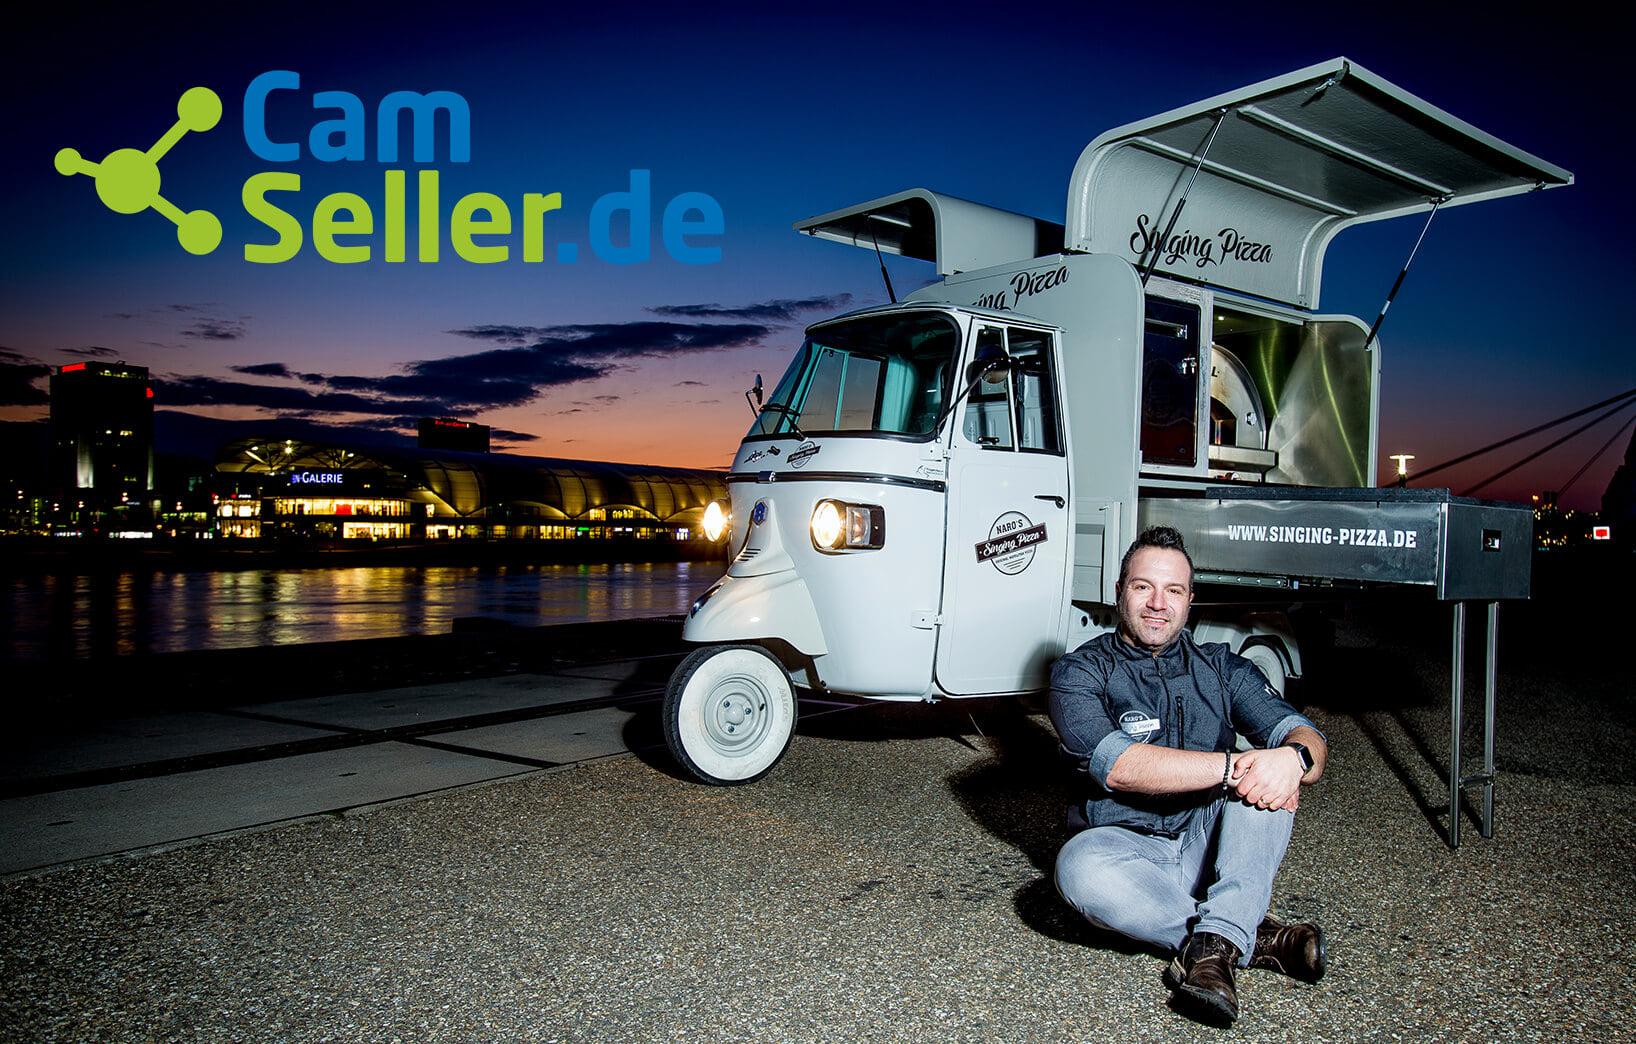 Neuer Sponsor, Partner und Freund // CamSeller